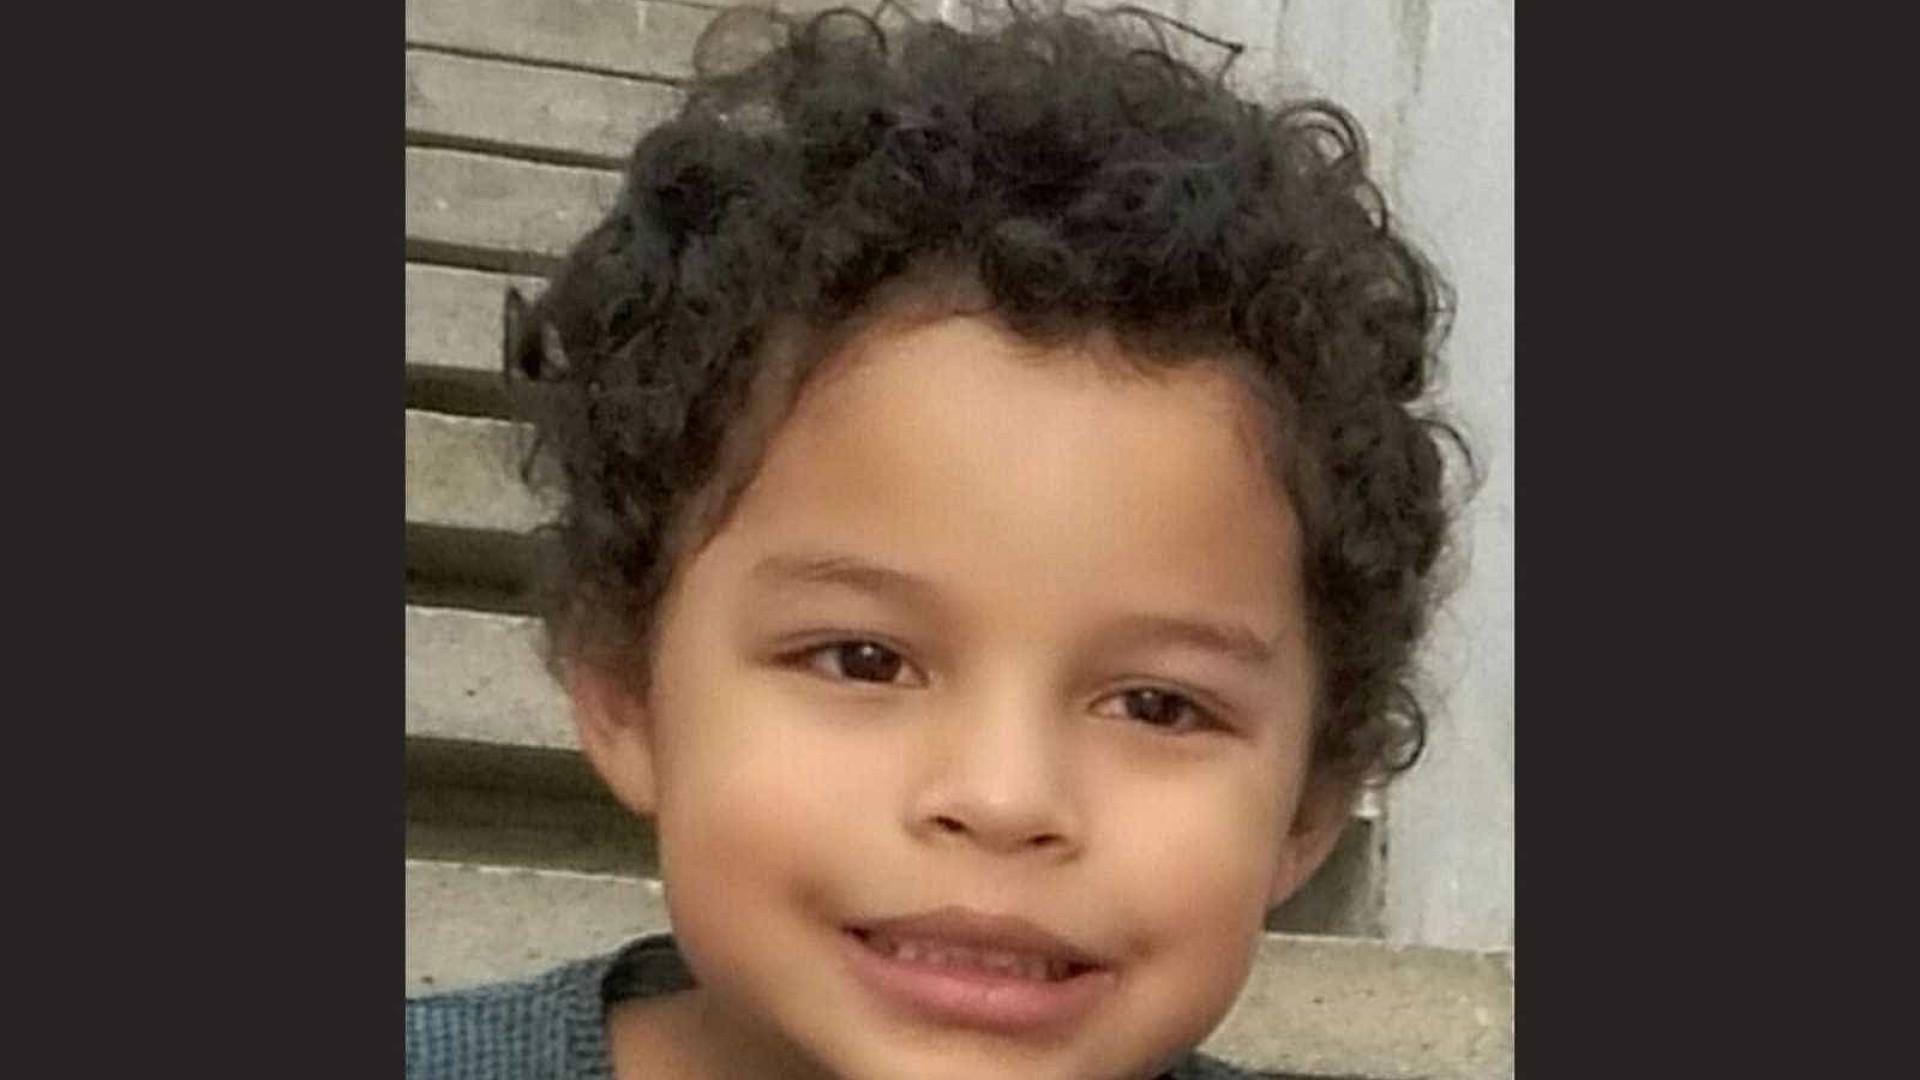 Bala que matou garoto no réveillon não saiu da arma do suspeito